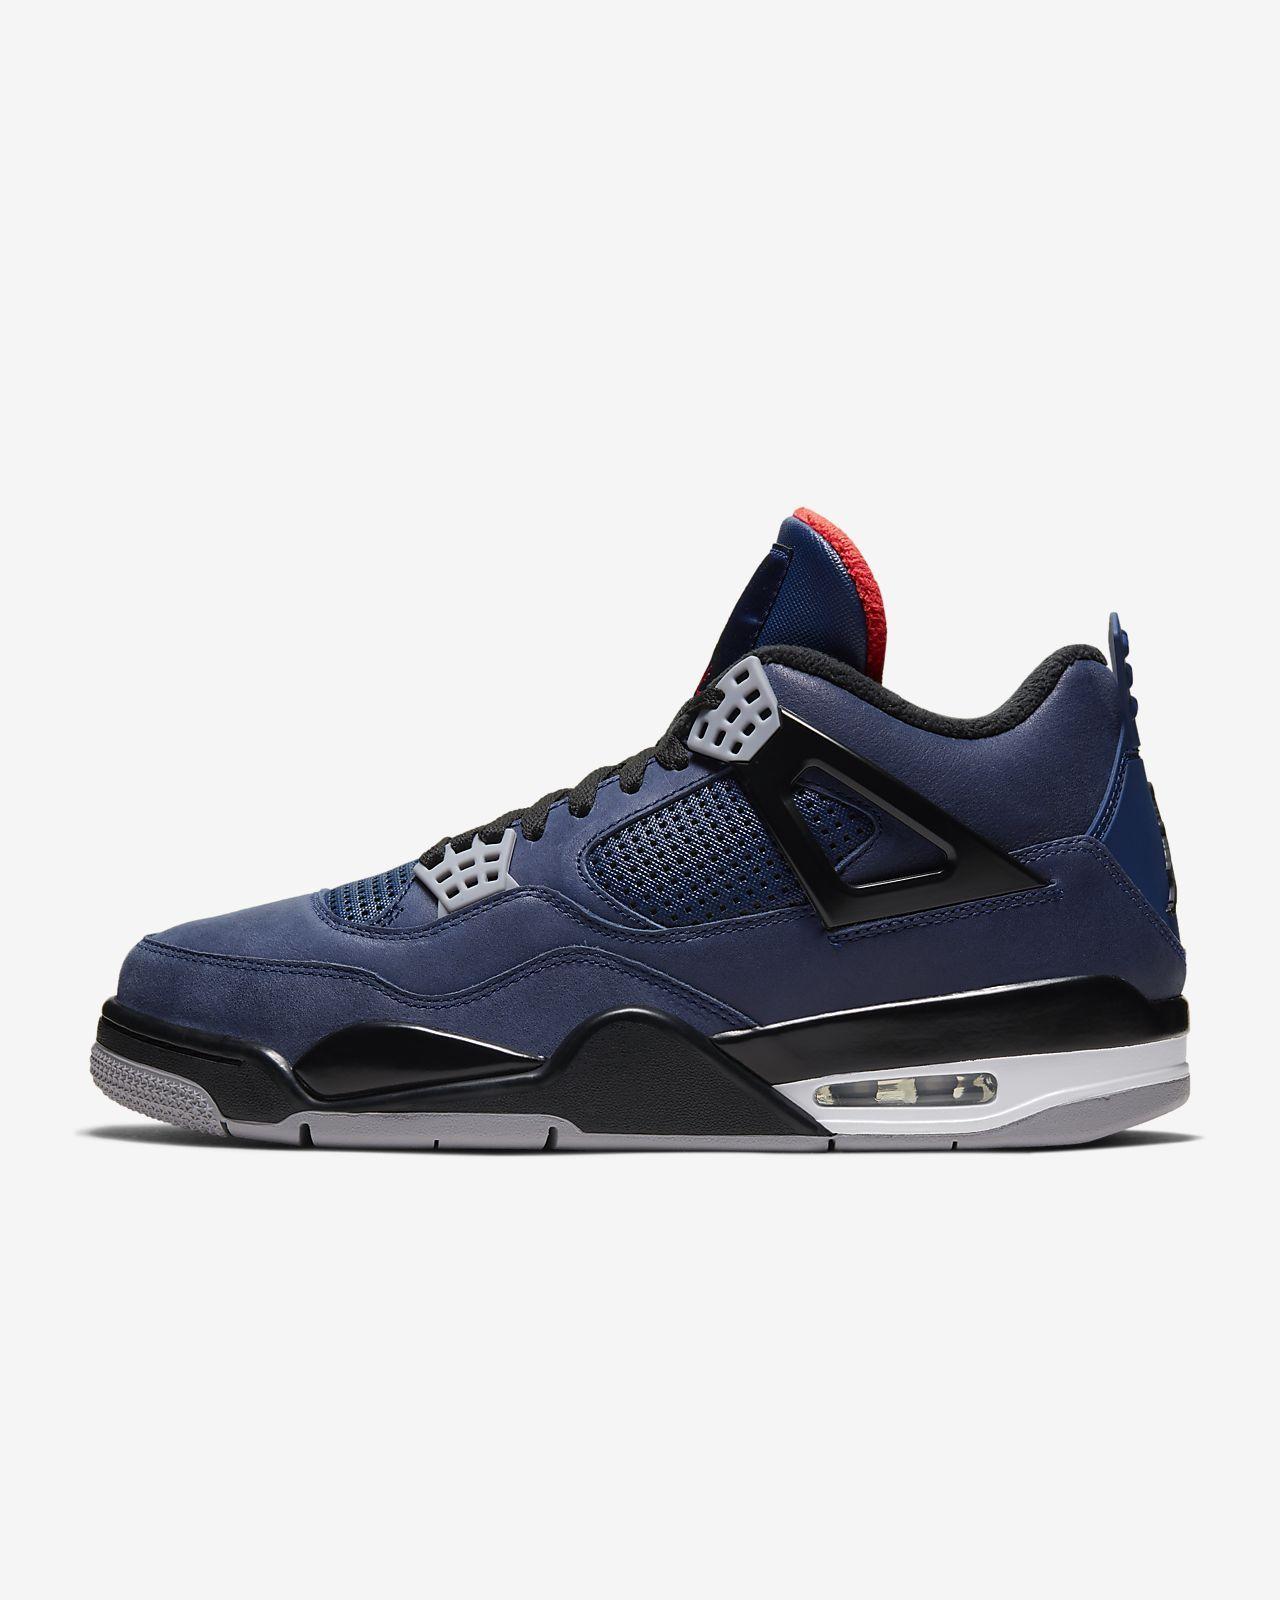 Air Jordan 4 Retro Wntr Shoe Nike Au In 2020 Air Jordans Jordan 4 Jordans For Men